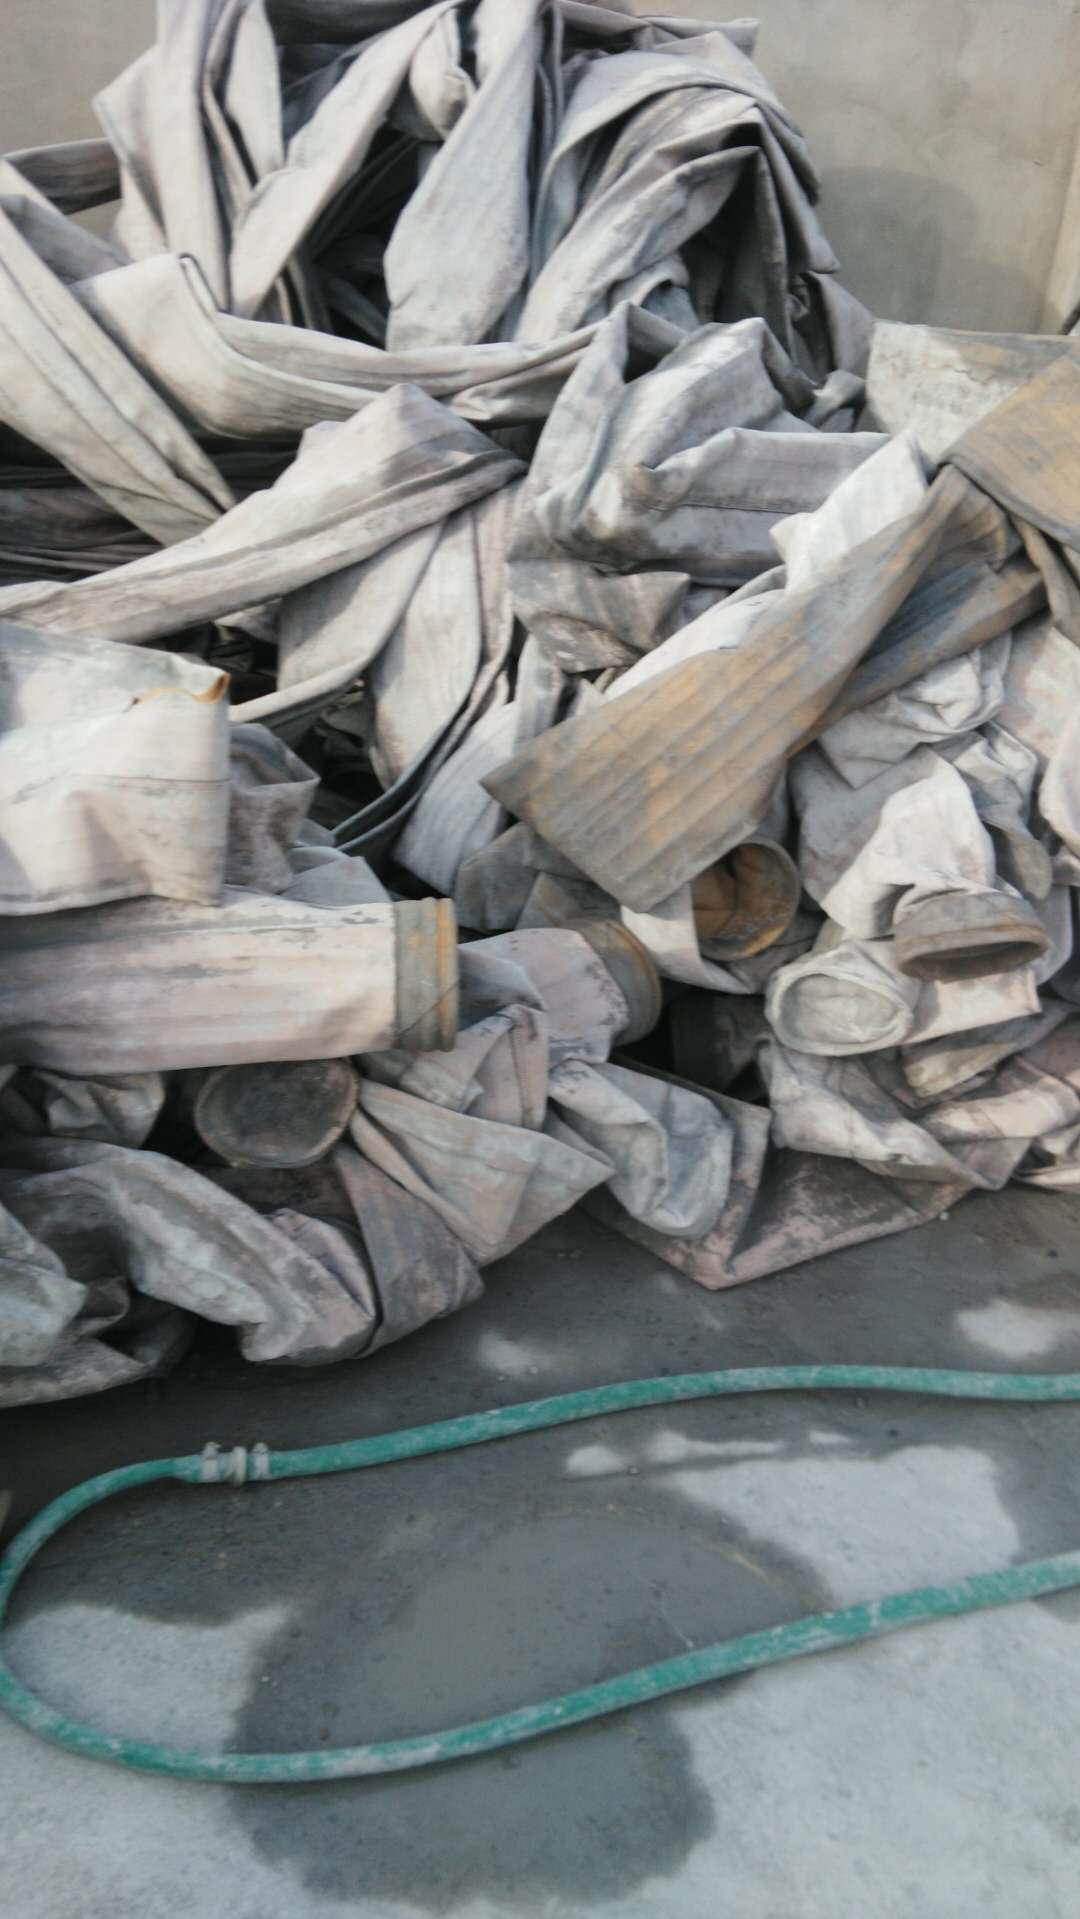 回收废旧除尘布袋批发商,苏州令人满意的回收废旧除尘滤袋推荐